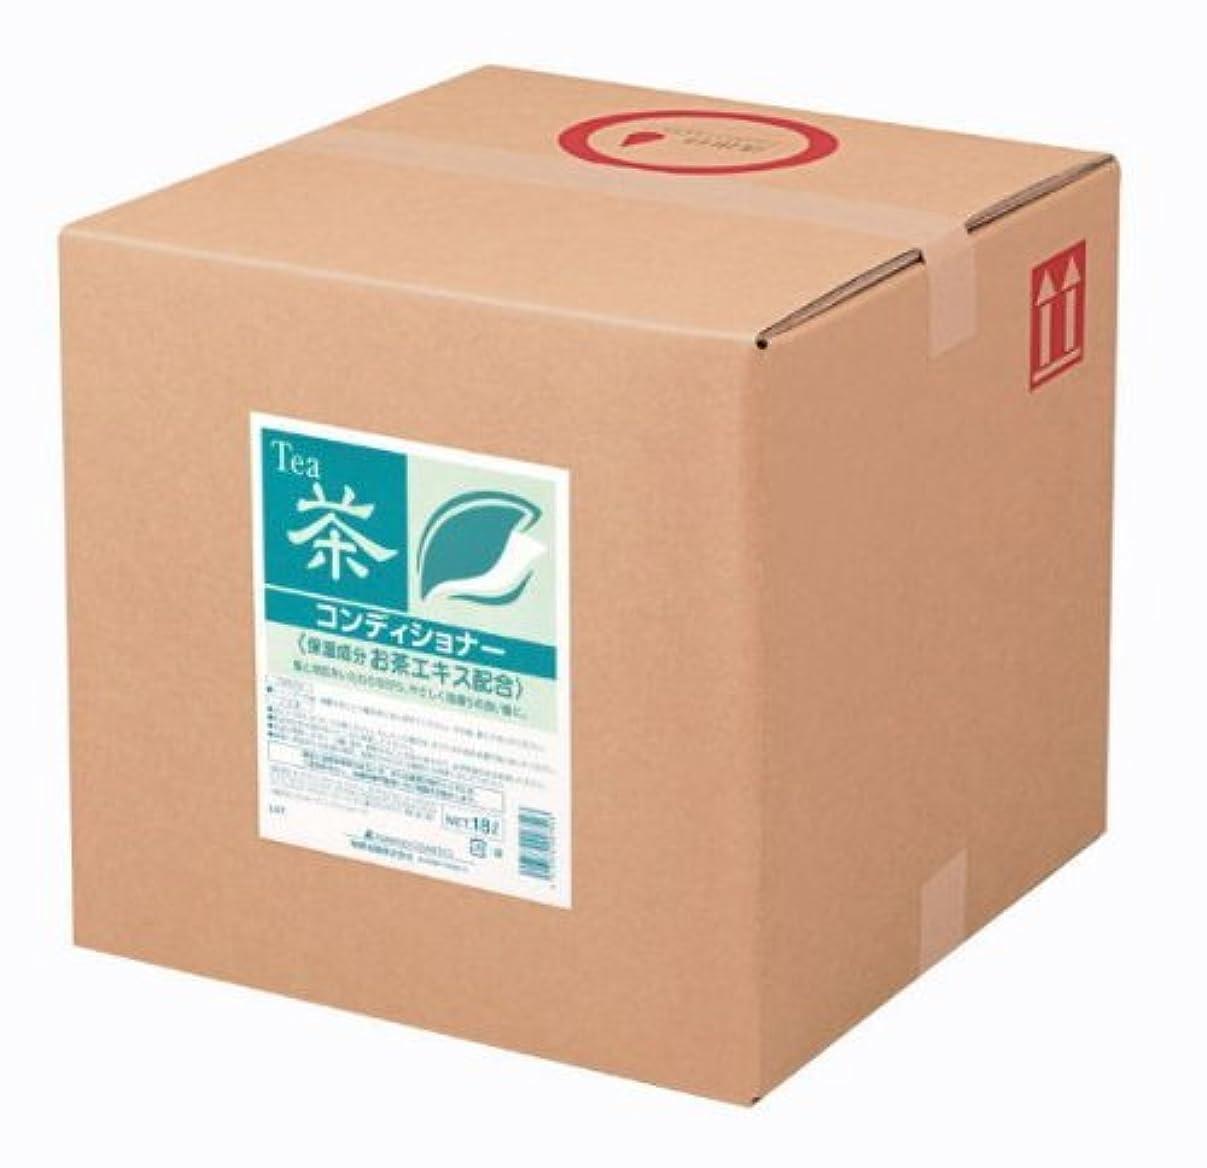 感謝マッシュトンネル熊野油脂 業務用 お茶 コンディショナー 18L